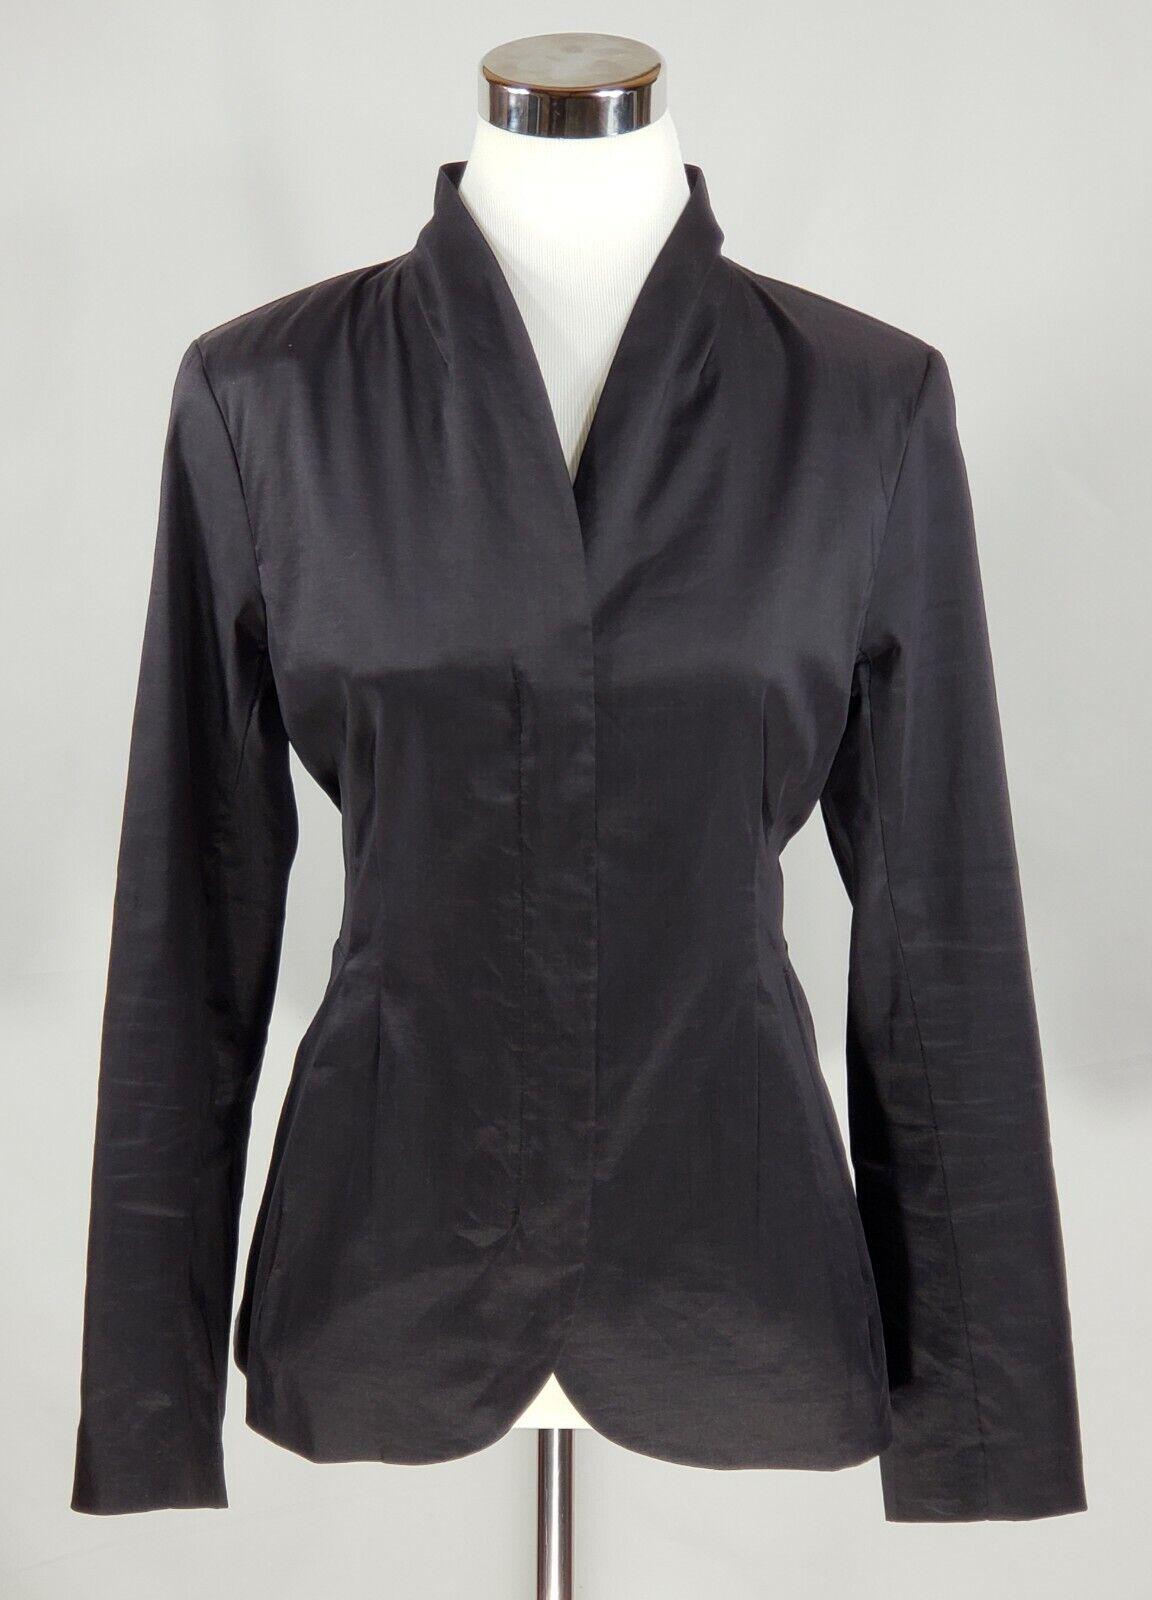 Eileen Fisher Dark Navy bluee Zippered Blazer w  Stand Up Collar - Size Medium